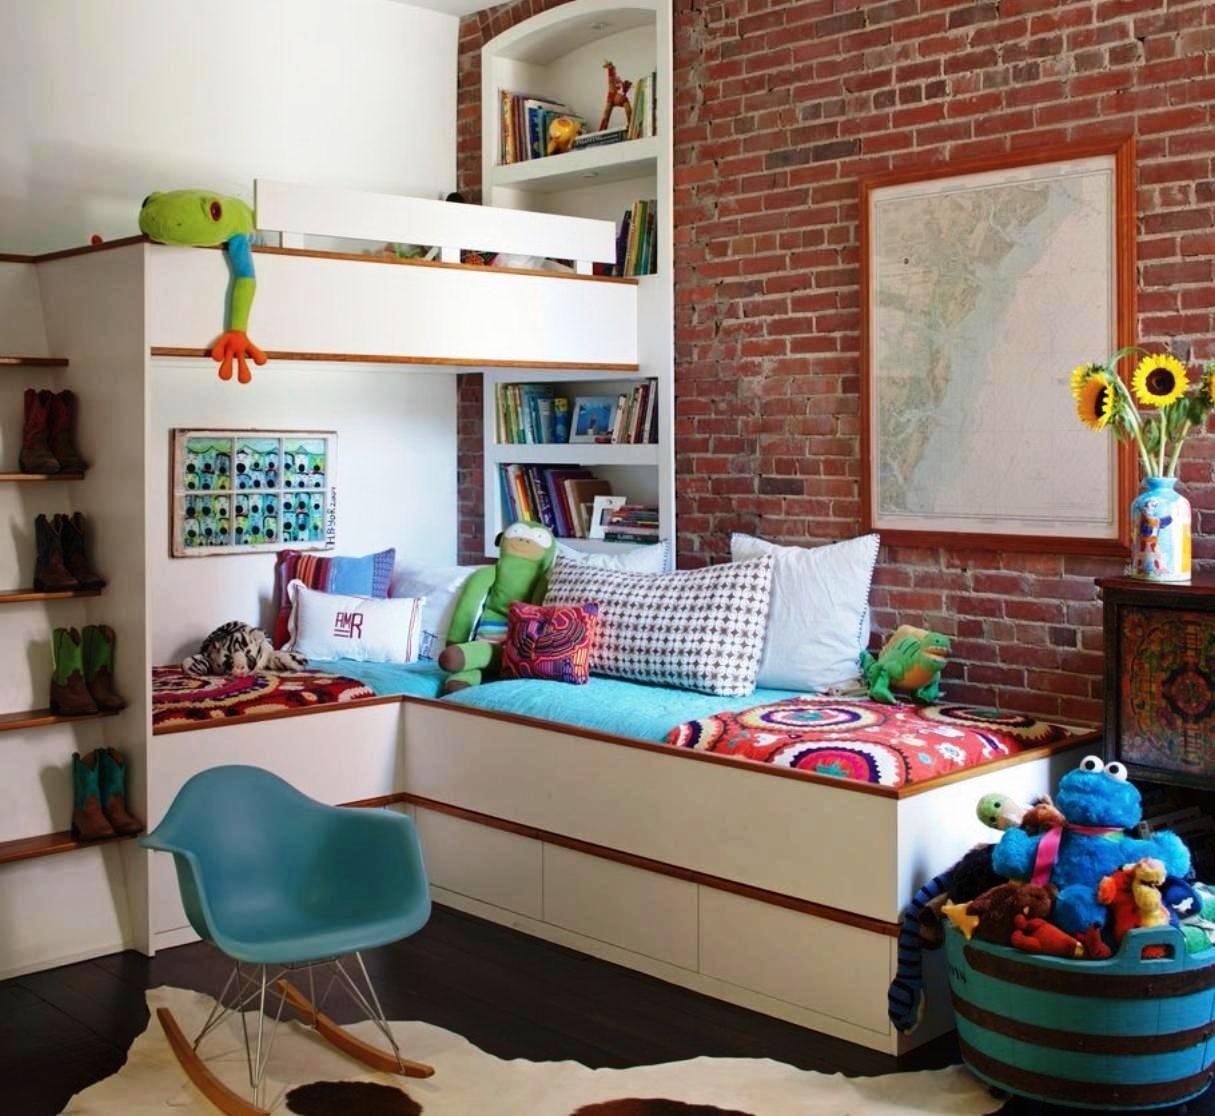 Благодаря изящному минималистичному дизайну, ящики практически незаметны на общем фоне кровати